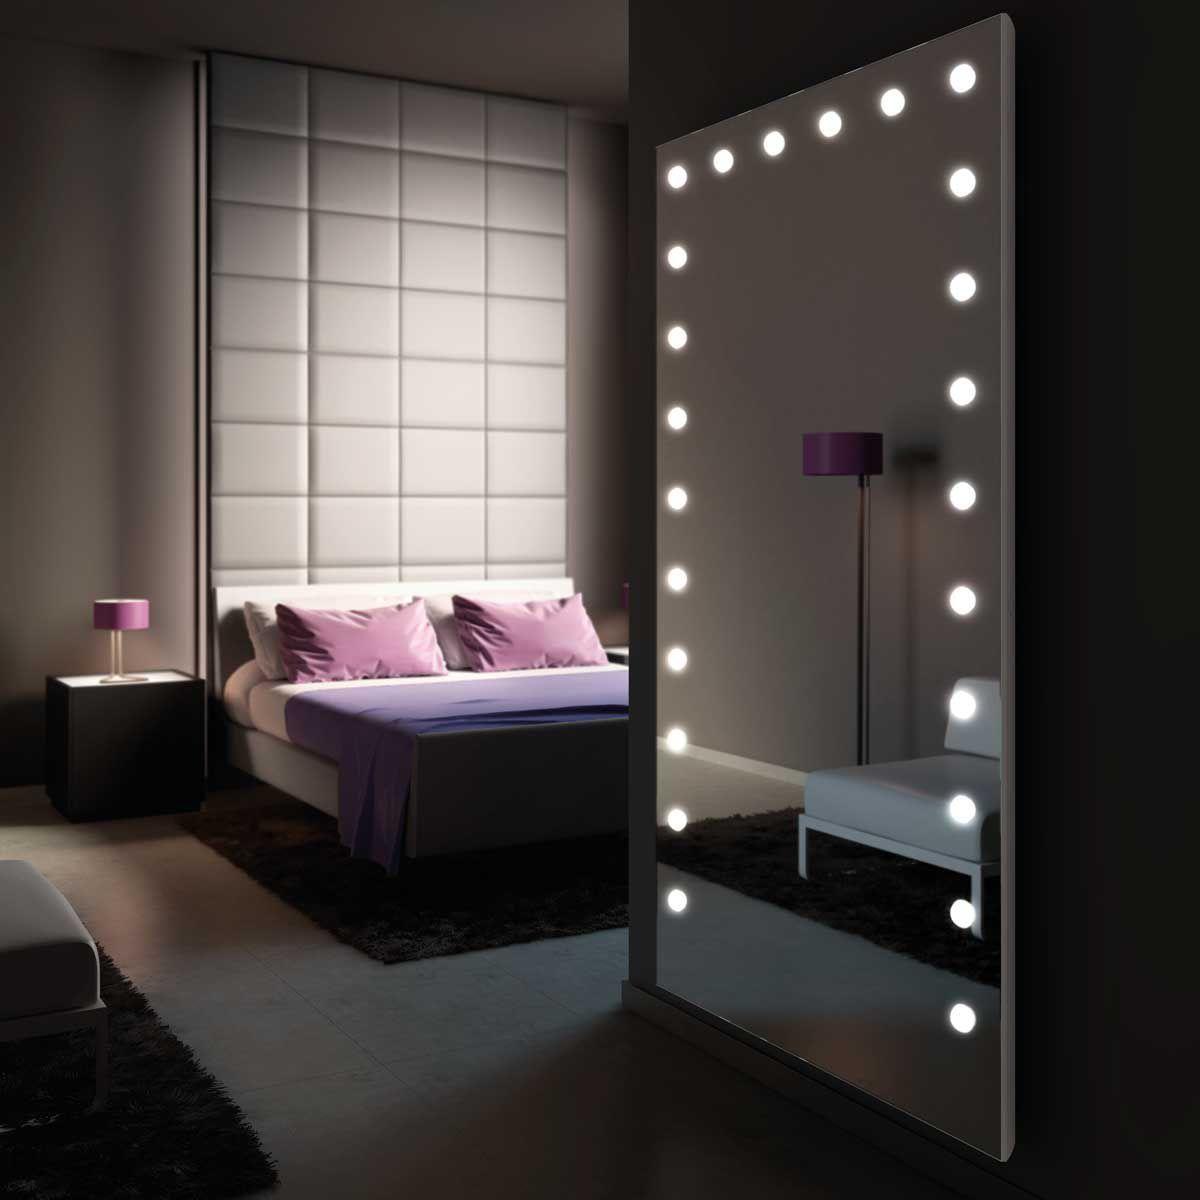 Letto Da Muro.Specchio A Muro Luminoso Da Sala Per Camera Da Letto Mh05